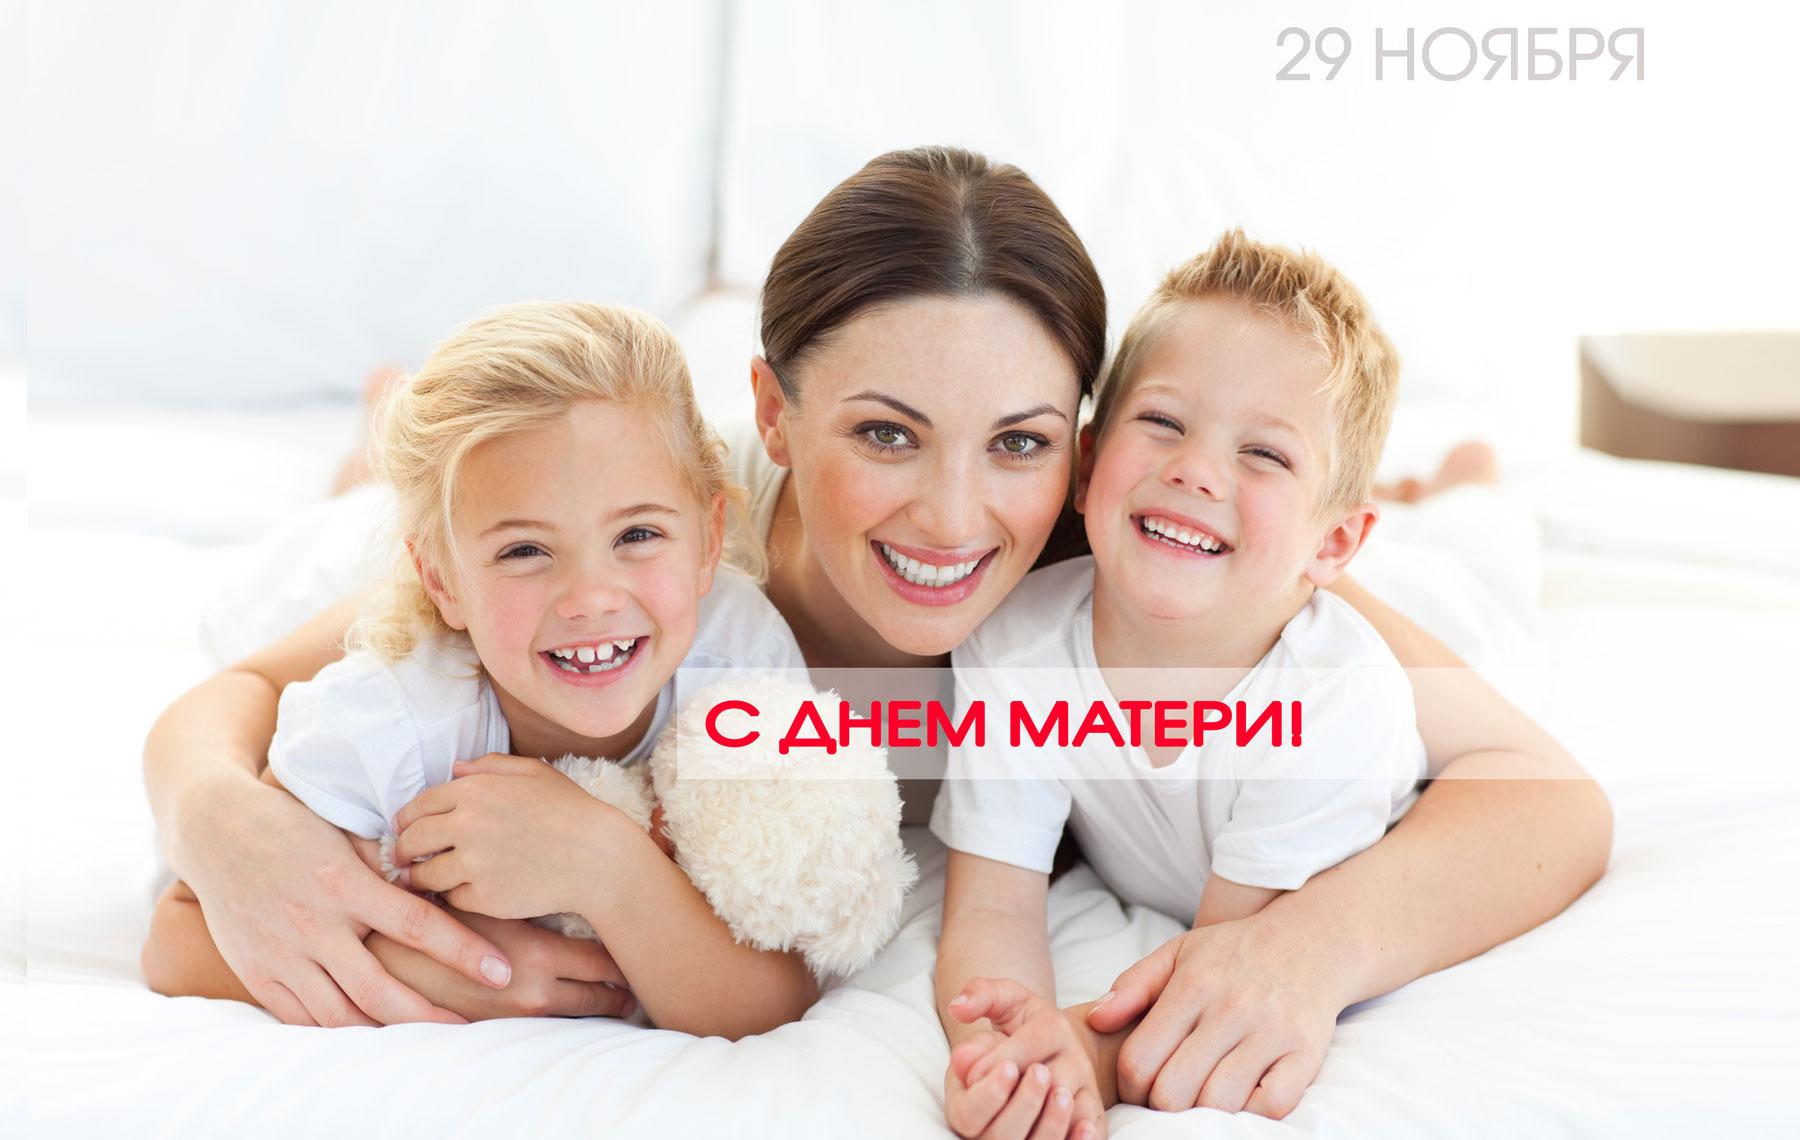 <p>Сегодня, 29 ноября в России отмечают День матери – один из самых трогательных праздников. Дорогие мамы! Примите слова благодарности, любви и уважения! Земной поклон вам за ваш неустанный труд, безграничное терпение, душевную щедрость. Пусть в ваших глазах не гаснут улыбки! Желаем вам здоровья, счастья, семейного благополучия, взаимопонимания и ответного тепла […]</p>